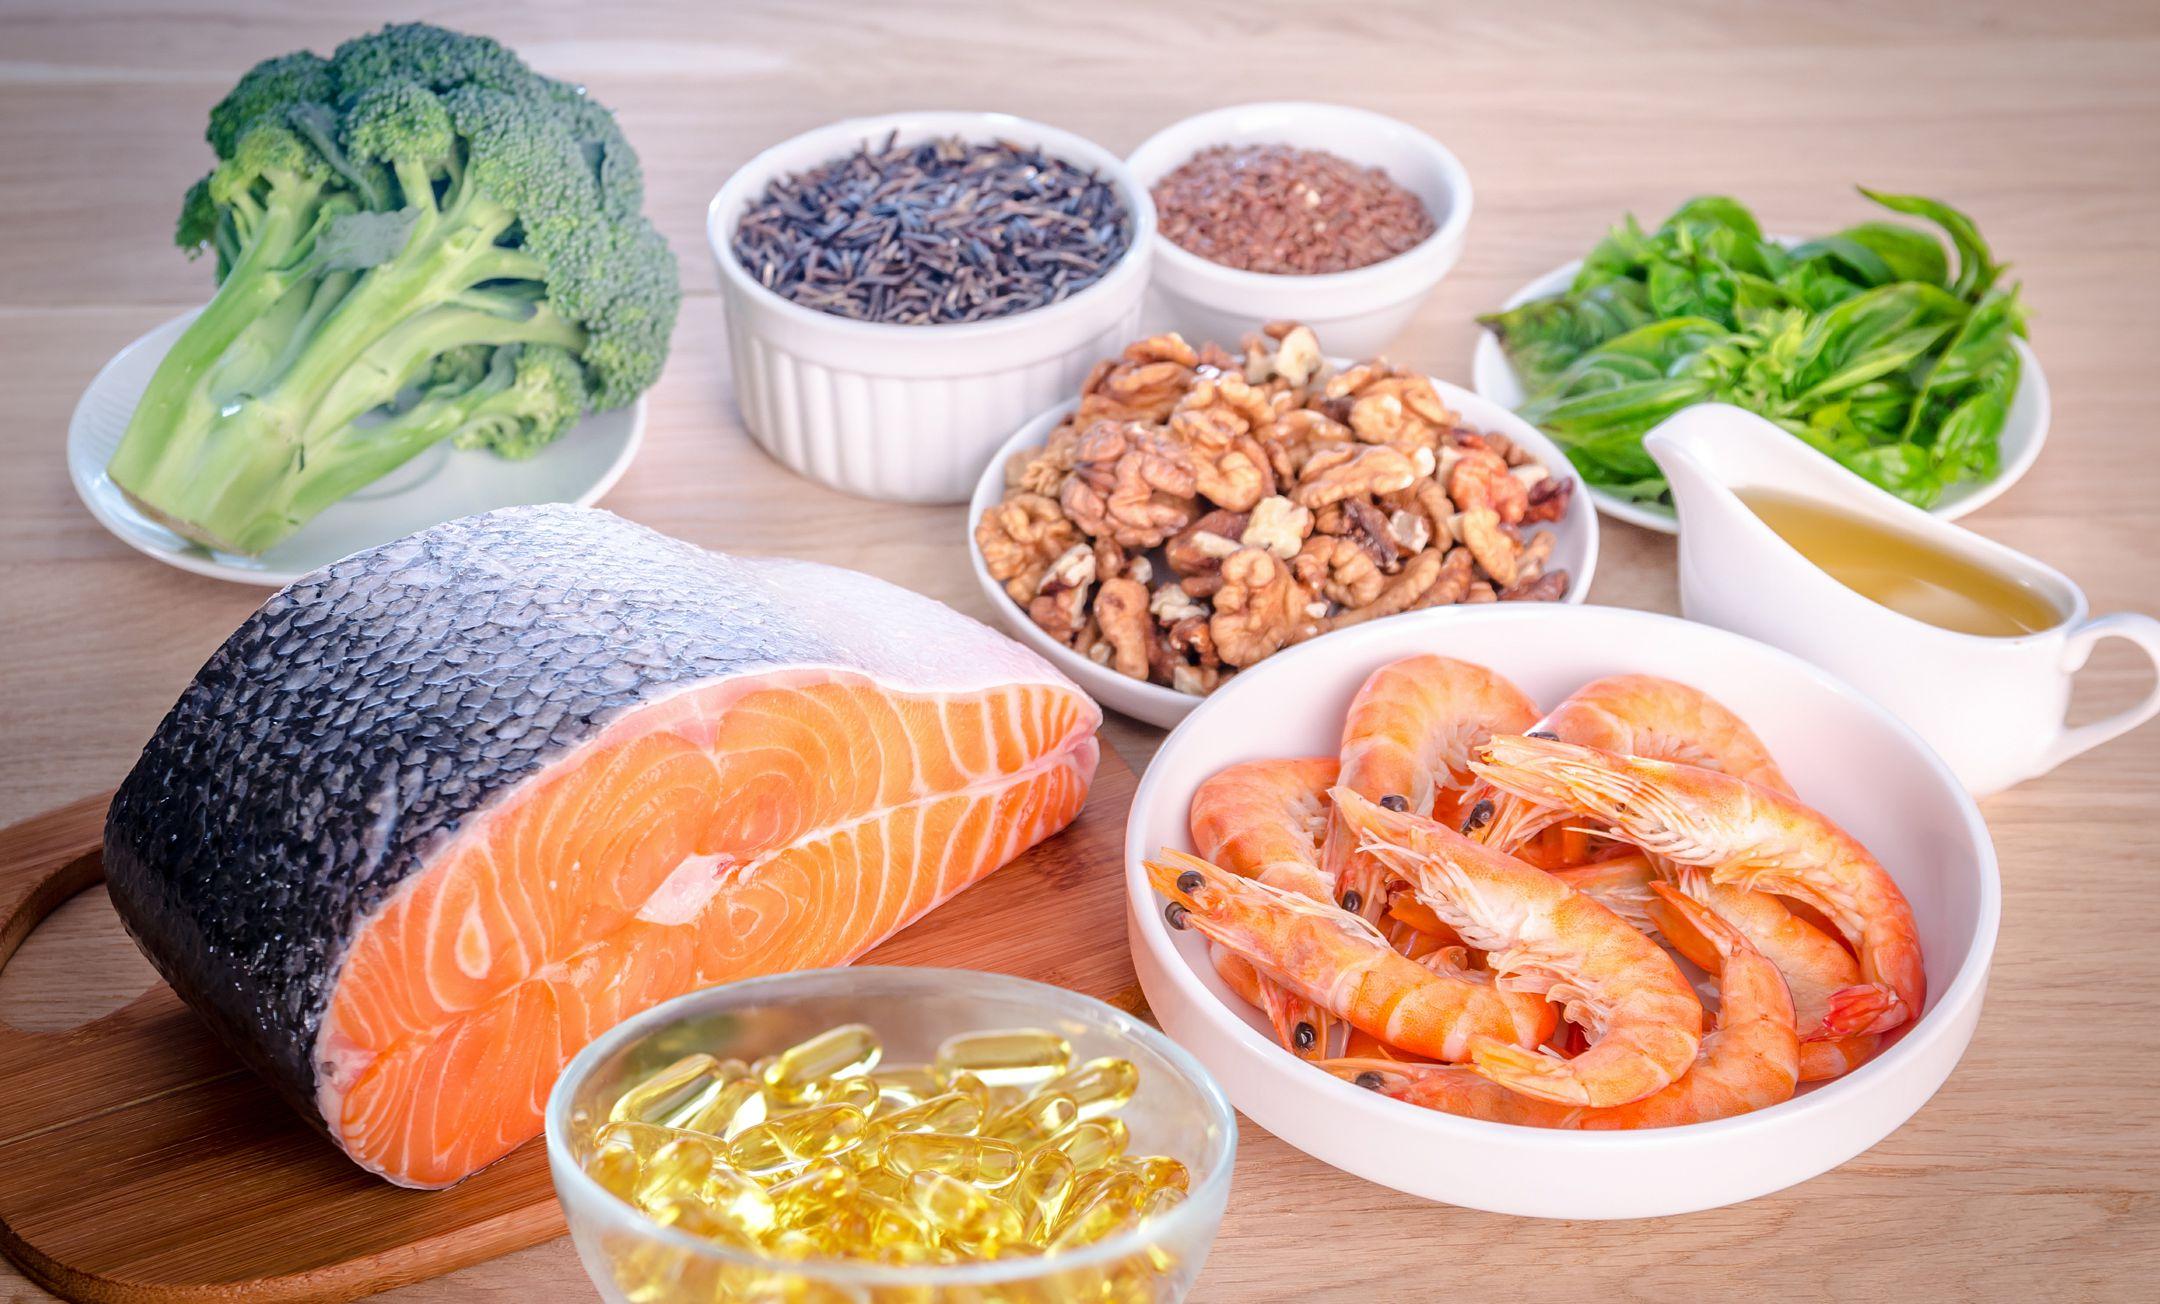 Uma dieta rica em ômega 3 pode ajudar muito a sua saúde